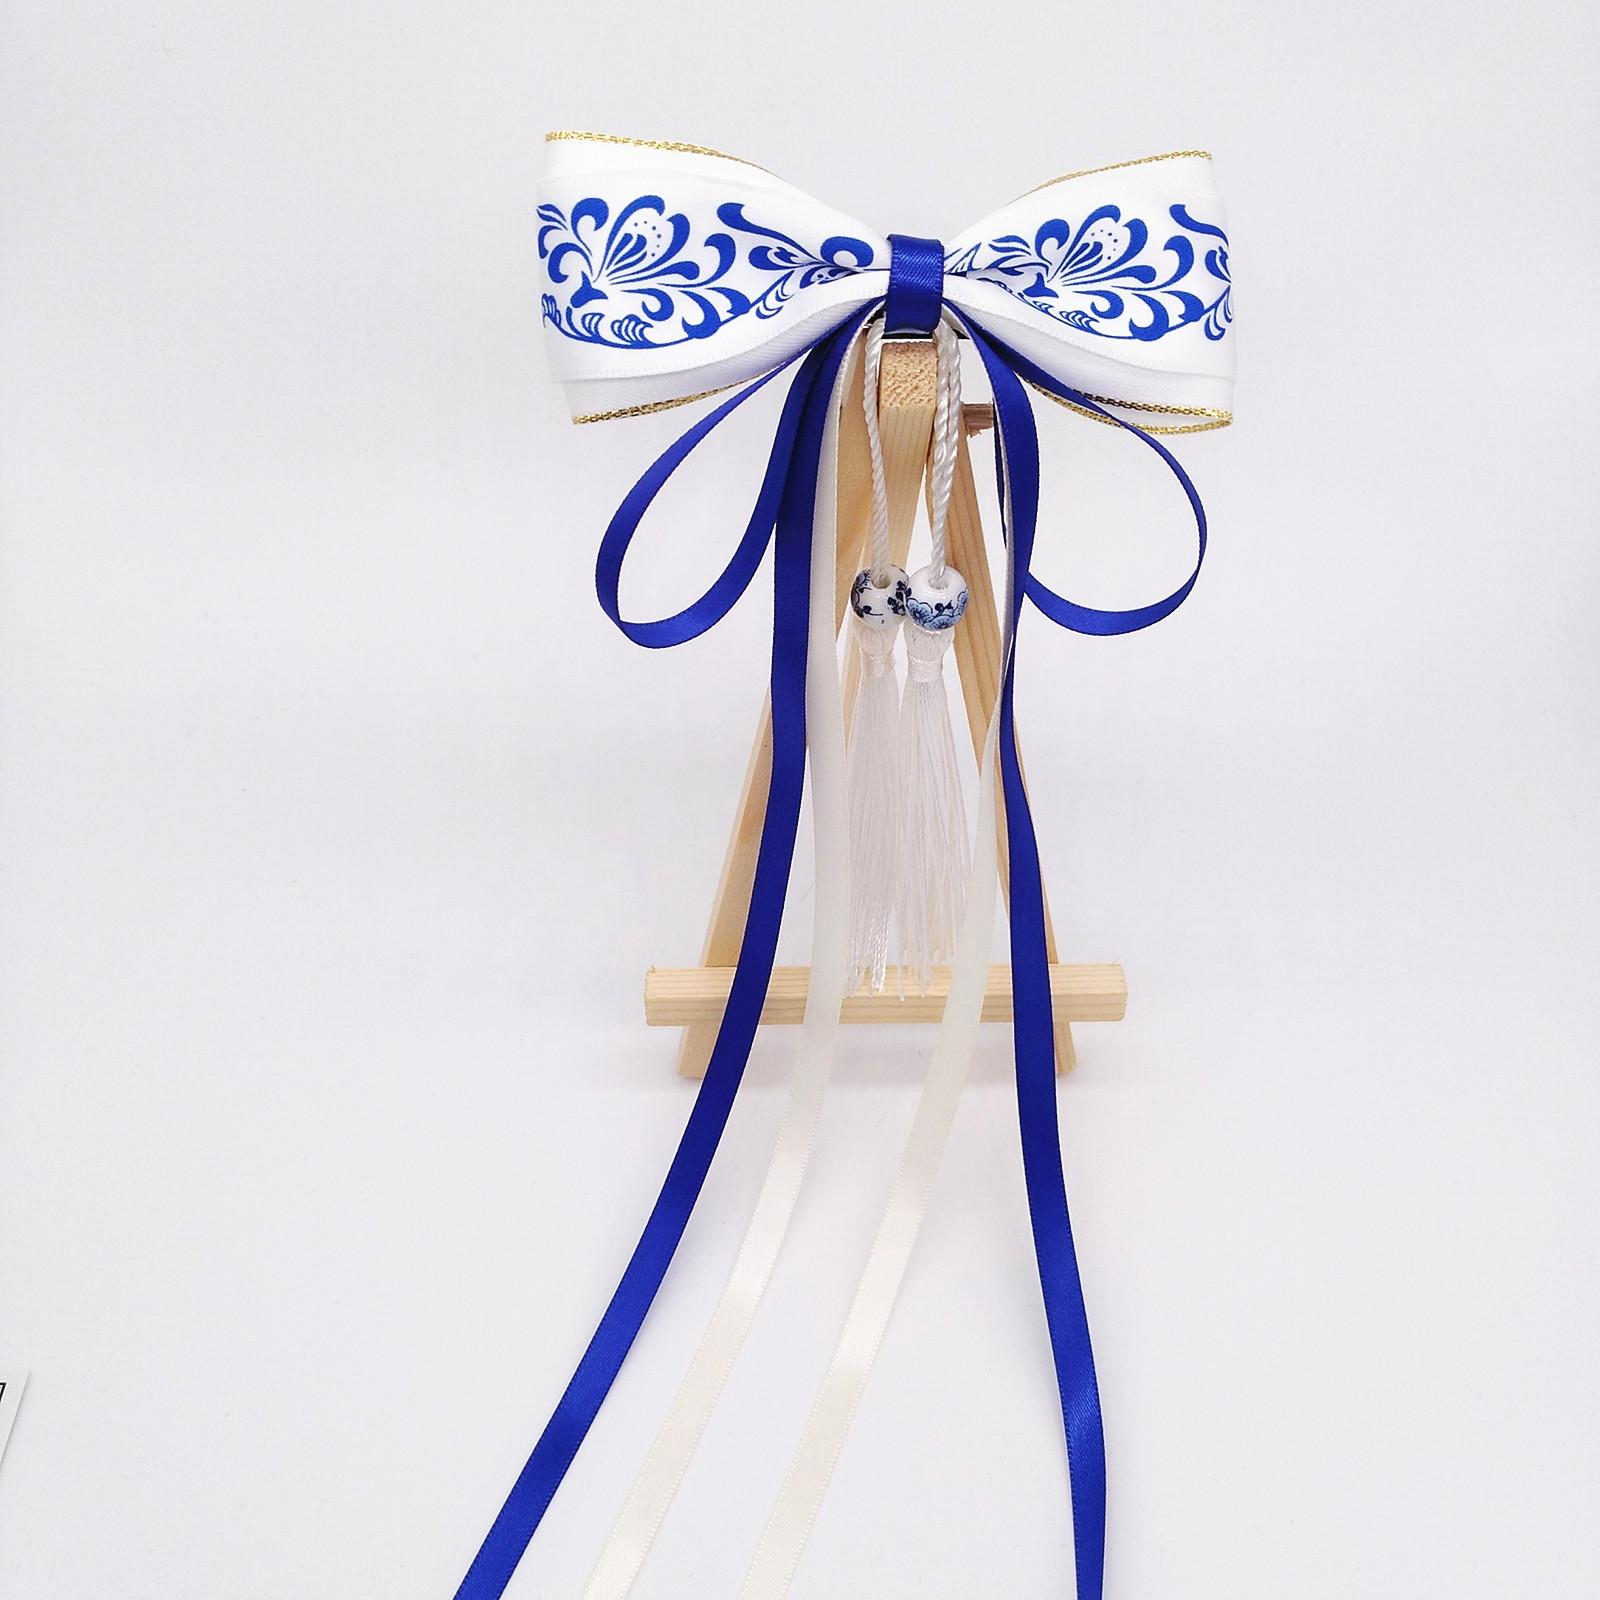 古装头饰古风中国风青花瓷发夹流苏女卡子蝴蝶结丝带汉服cos饰品